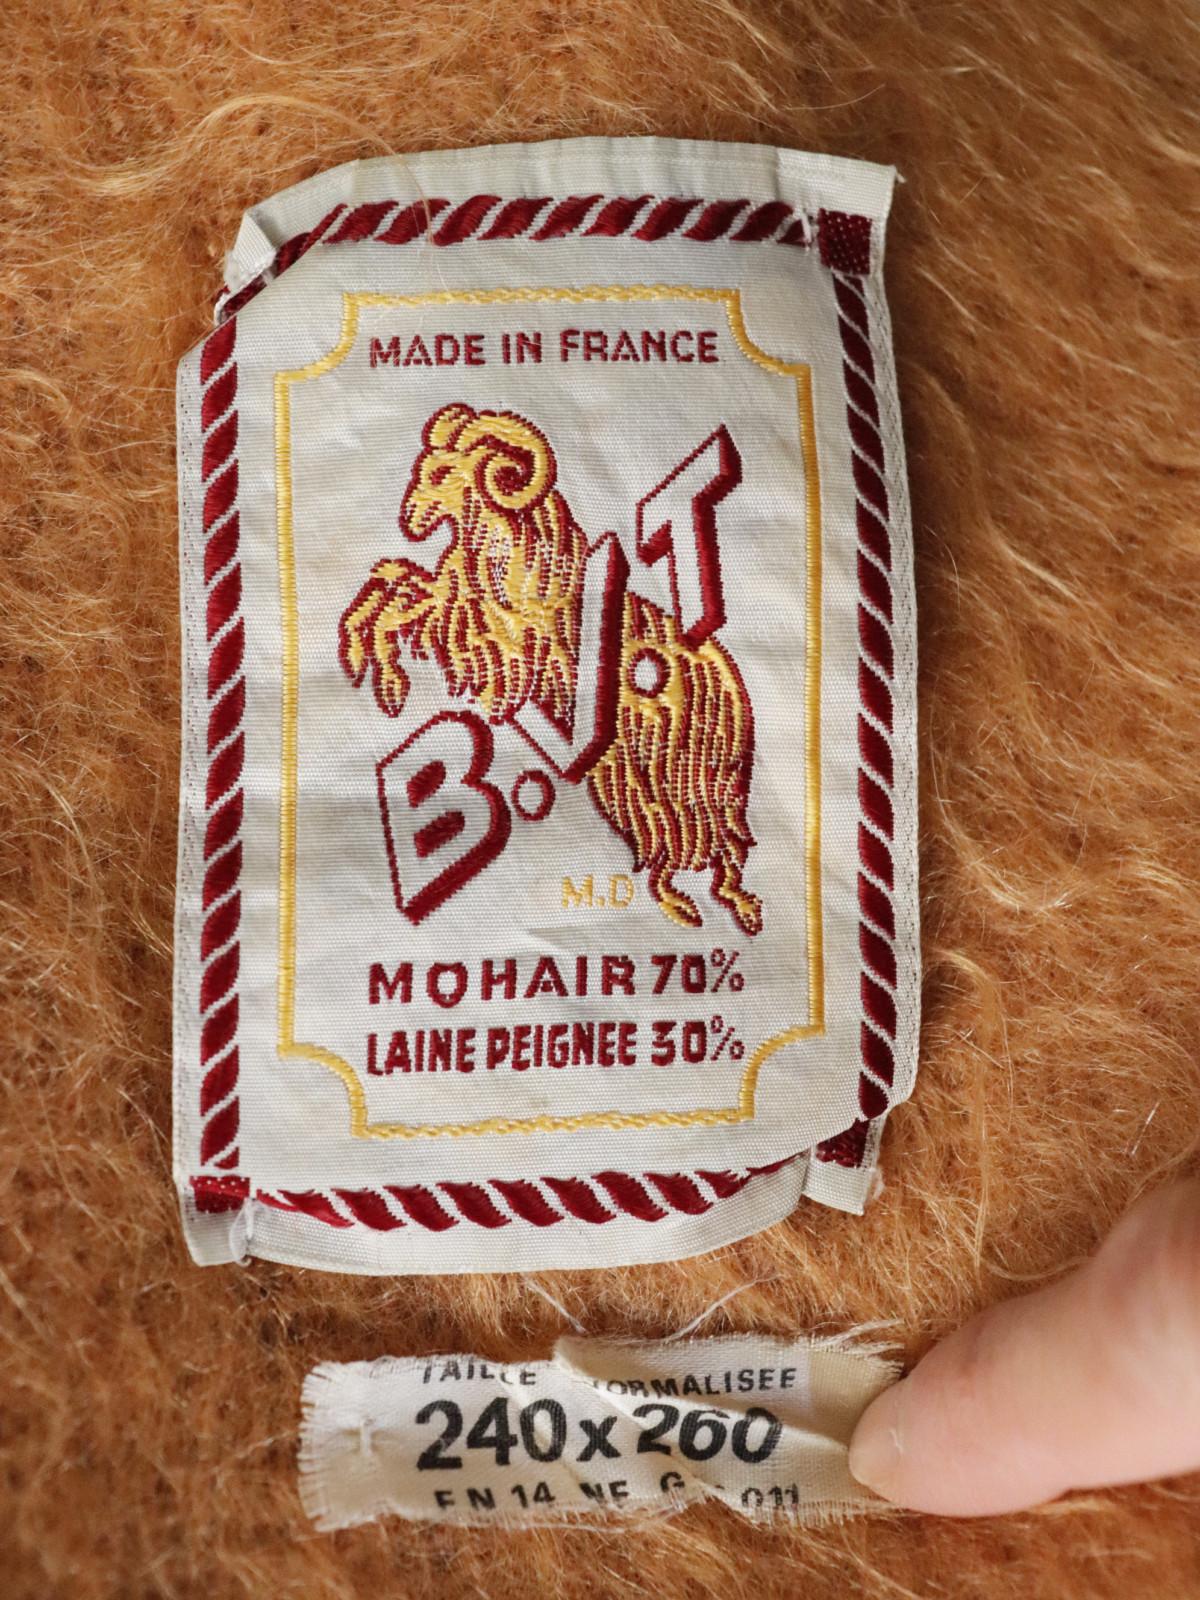 Brun De Vian-Tiran,blanket, vintage, France